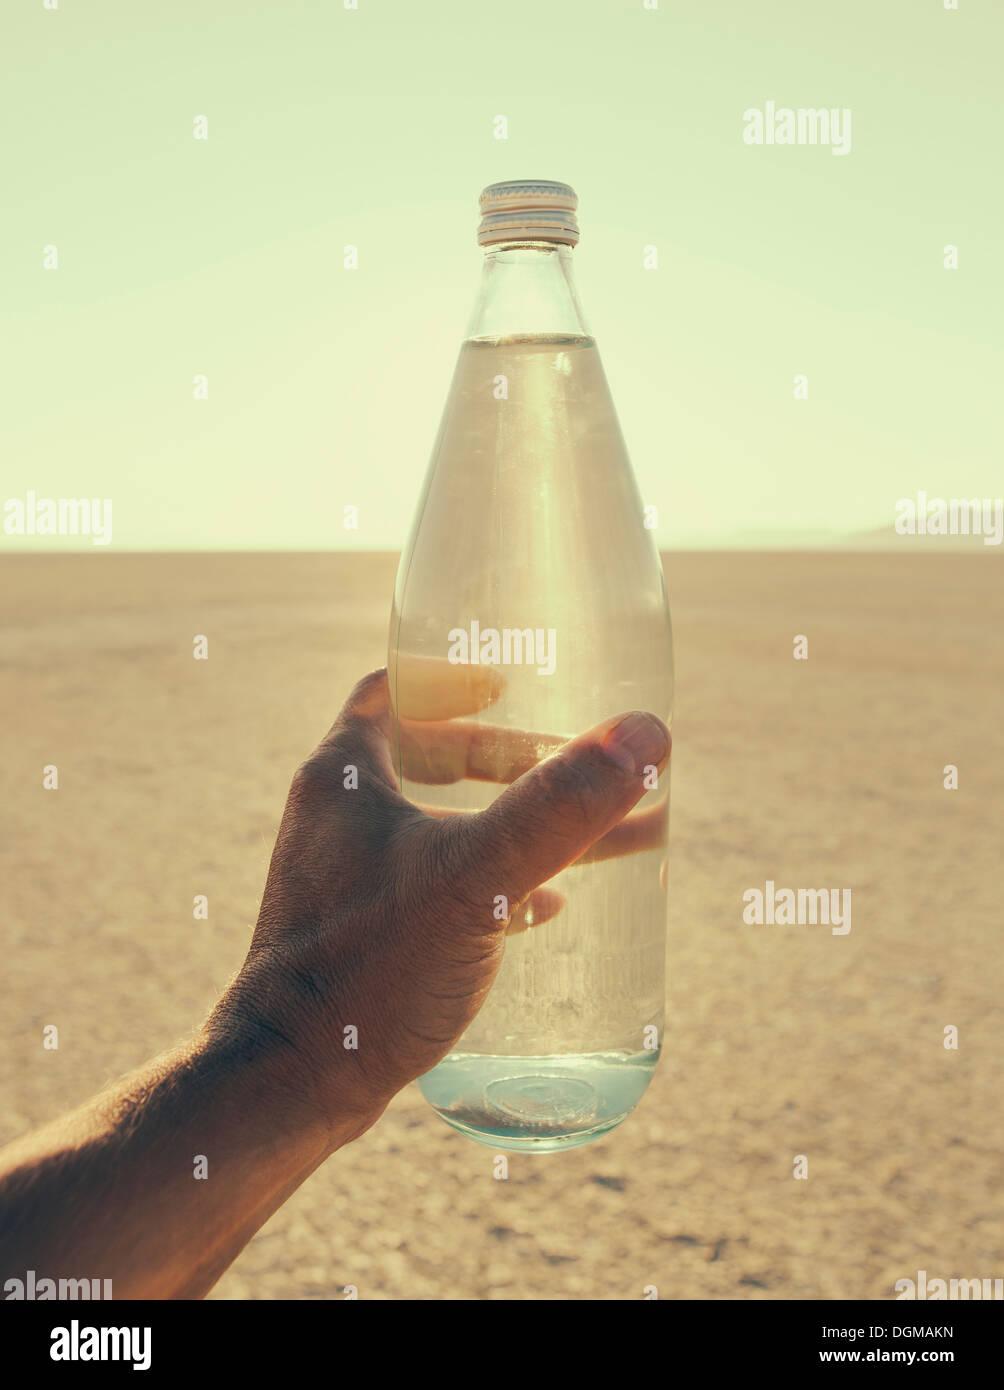 El paisaje del Desierto Black Rock de Nevada. Una mano de hombre sosteniendo una botella de agua. Filtra agua mineral. Imagen De Stock